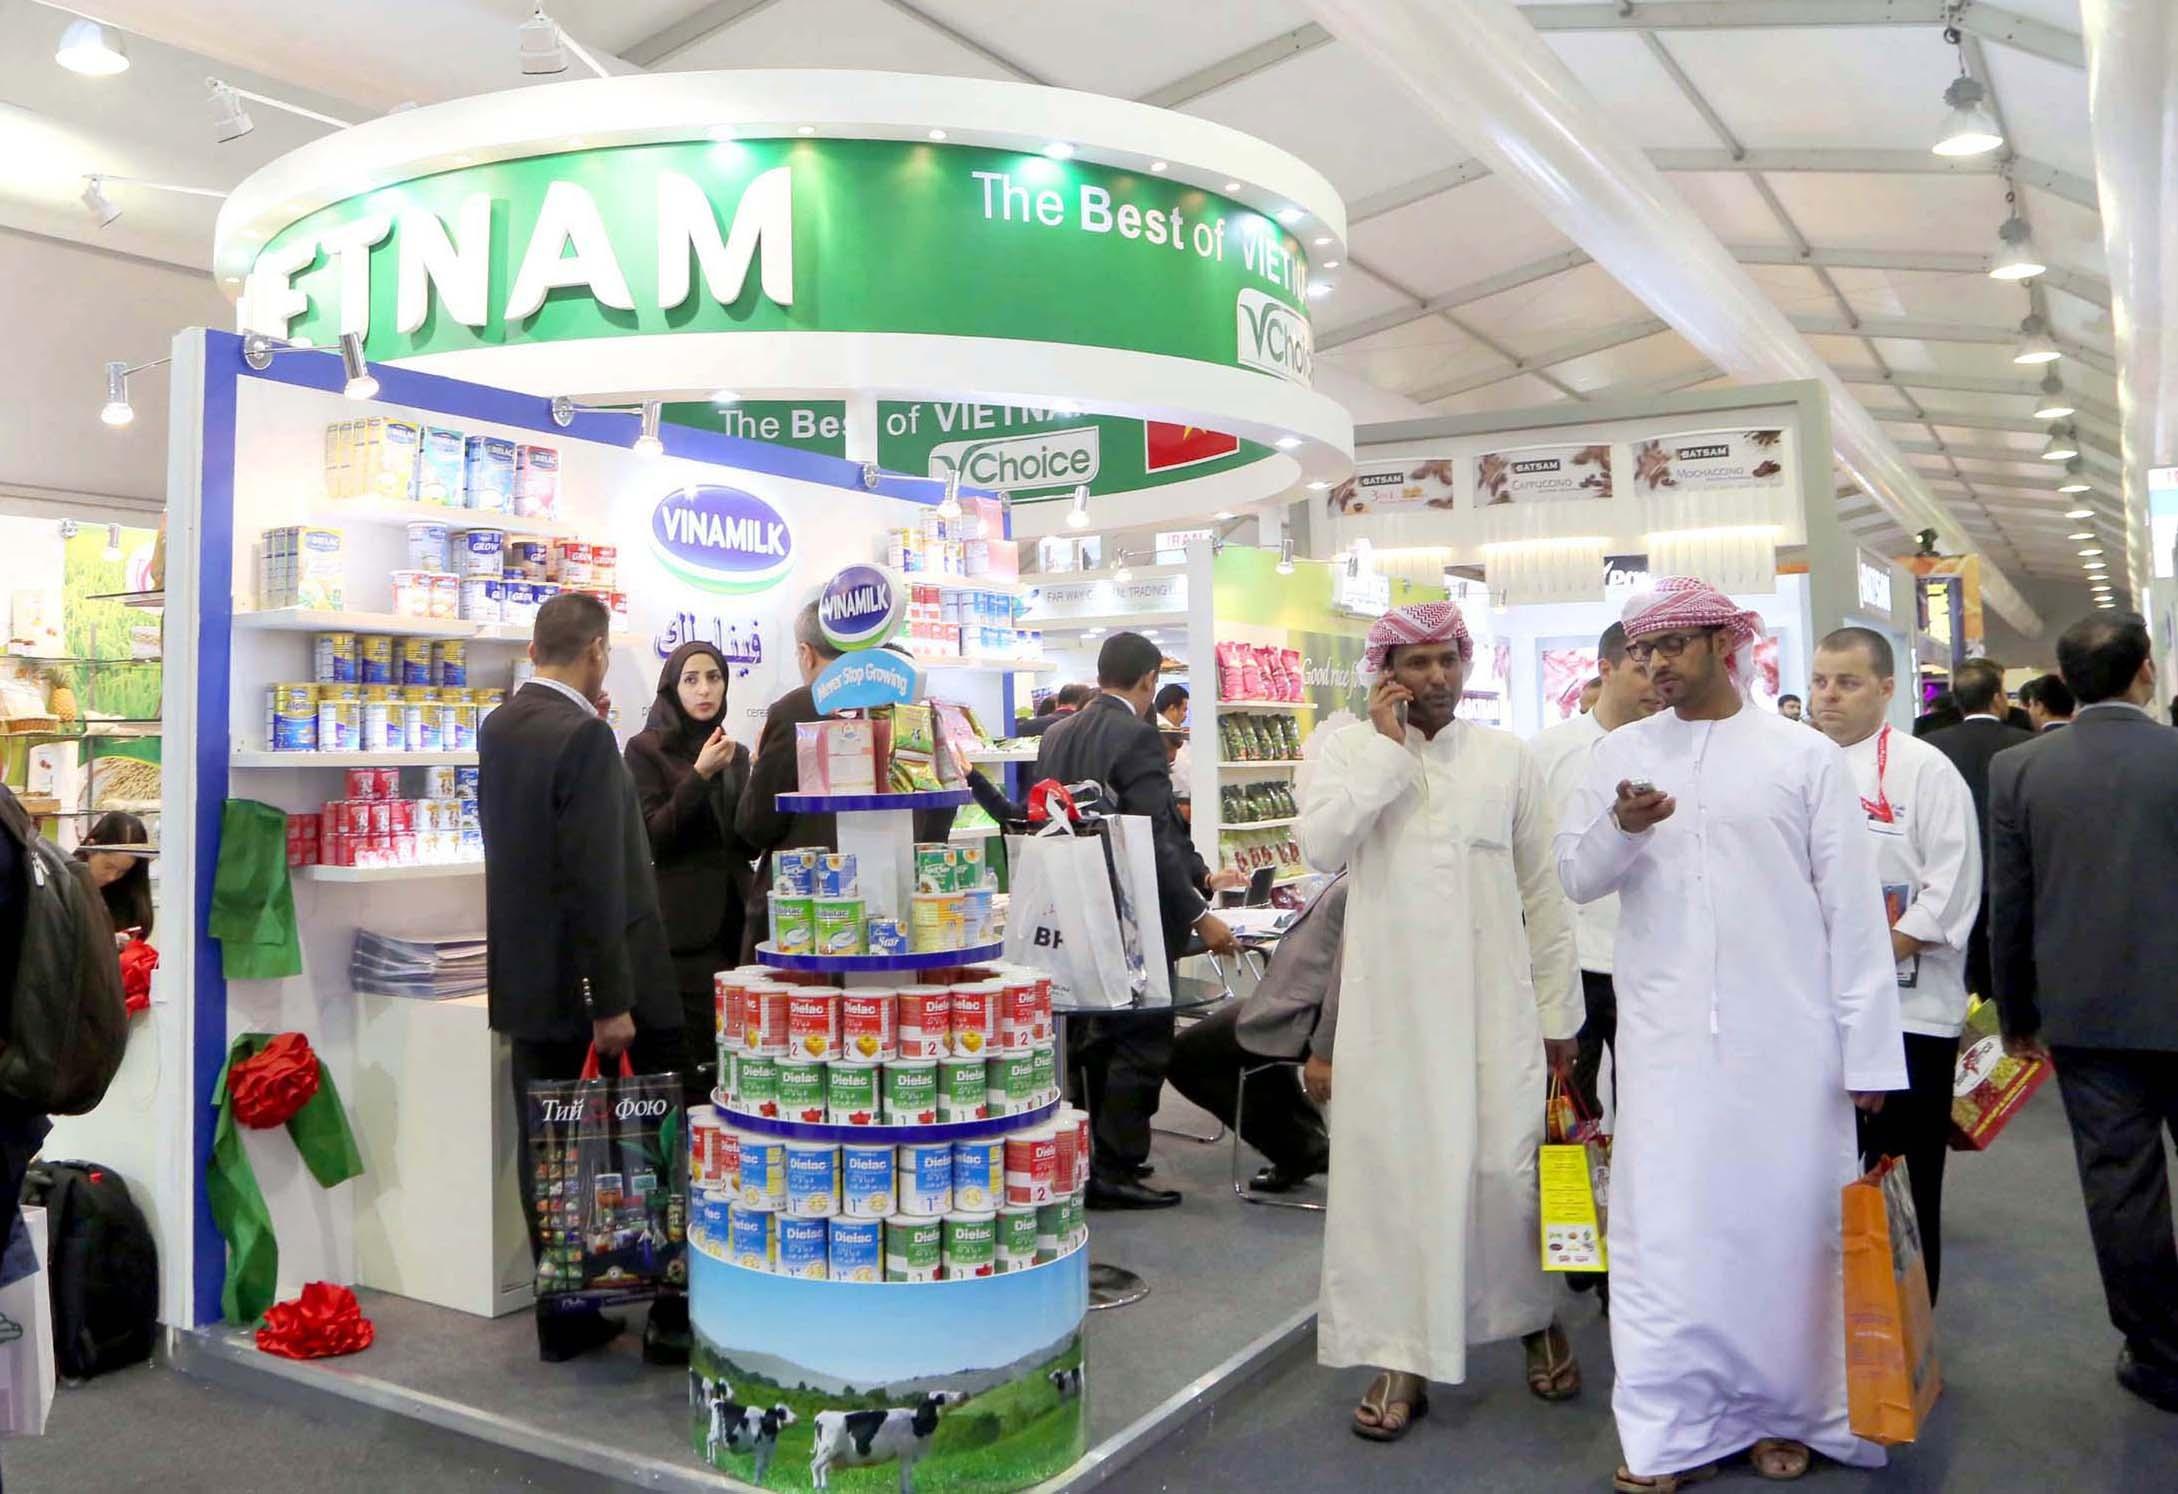 Hinh ảnh Gian hàng Việt Nam tại Hội chợ Gulfood Dubai 2015